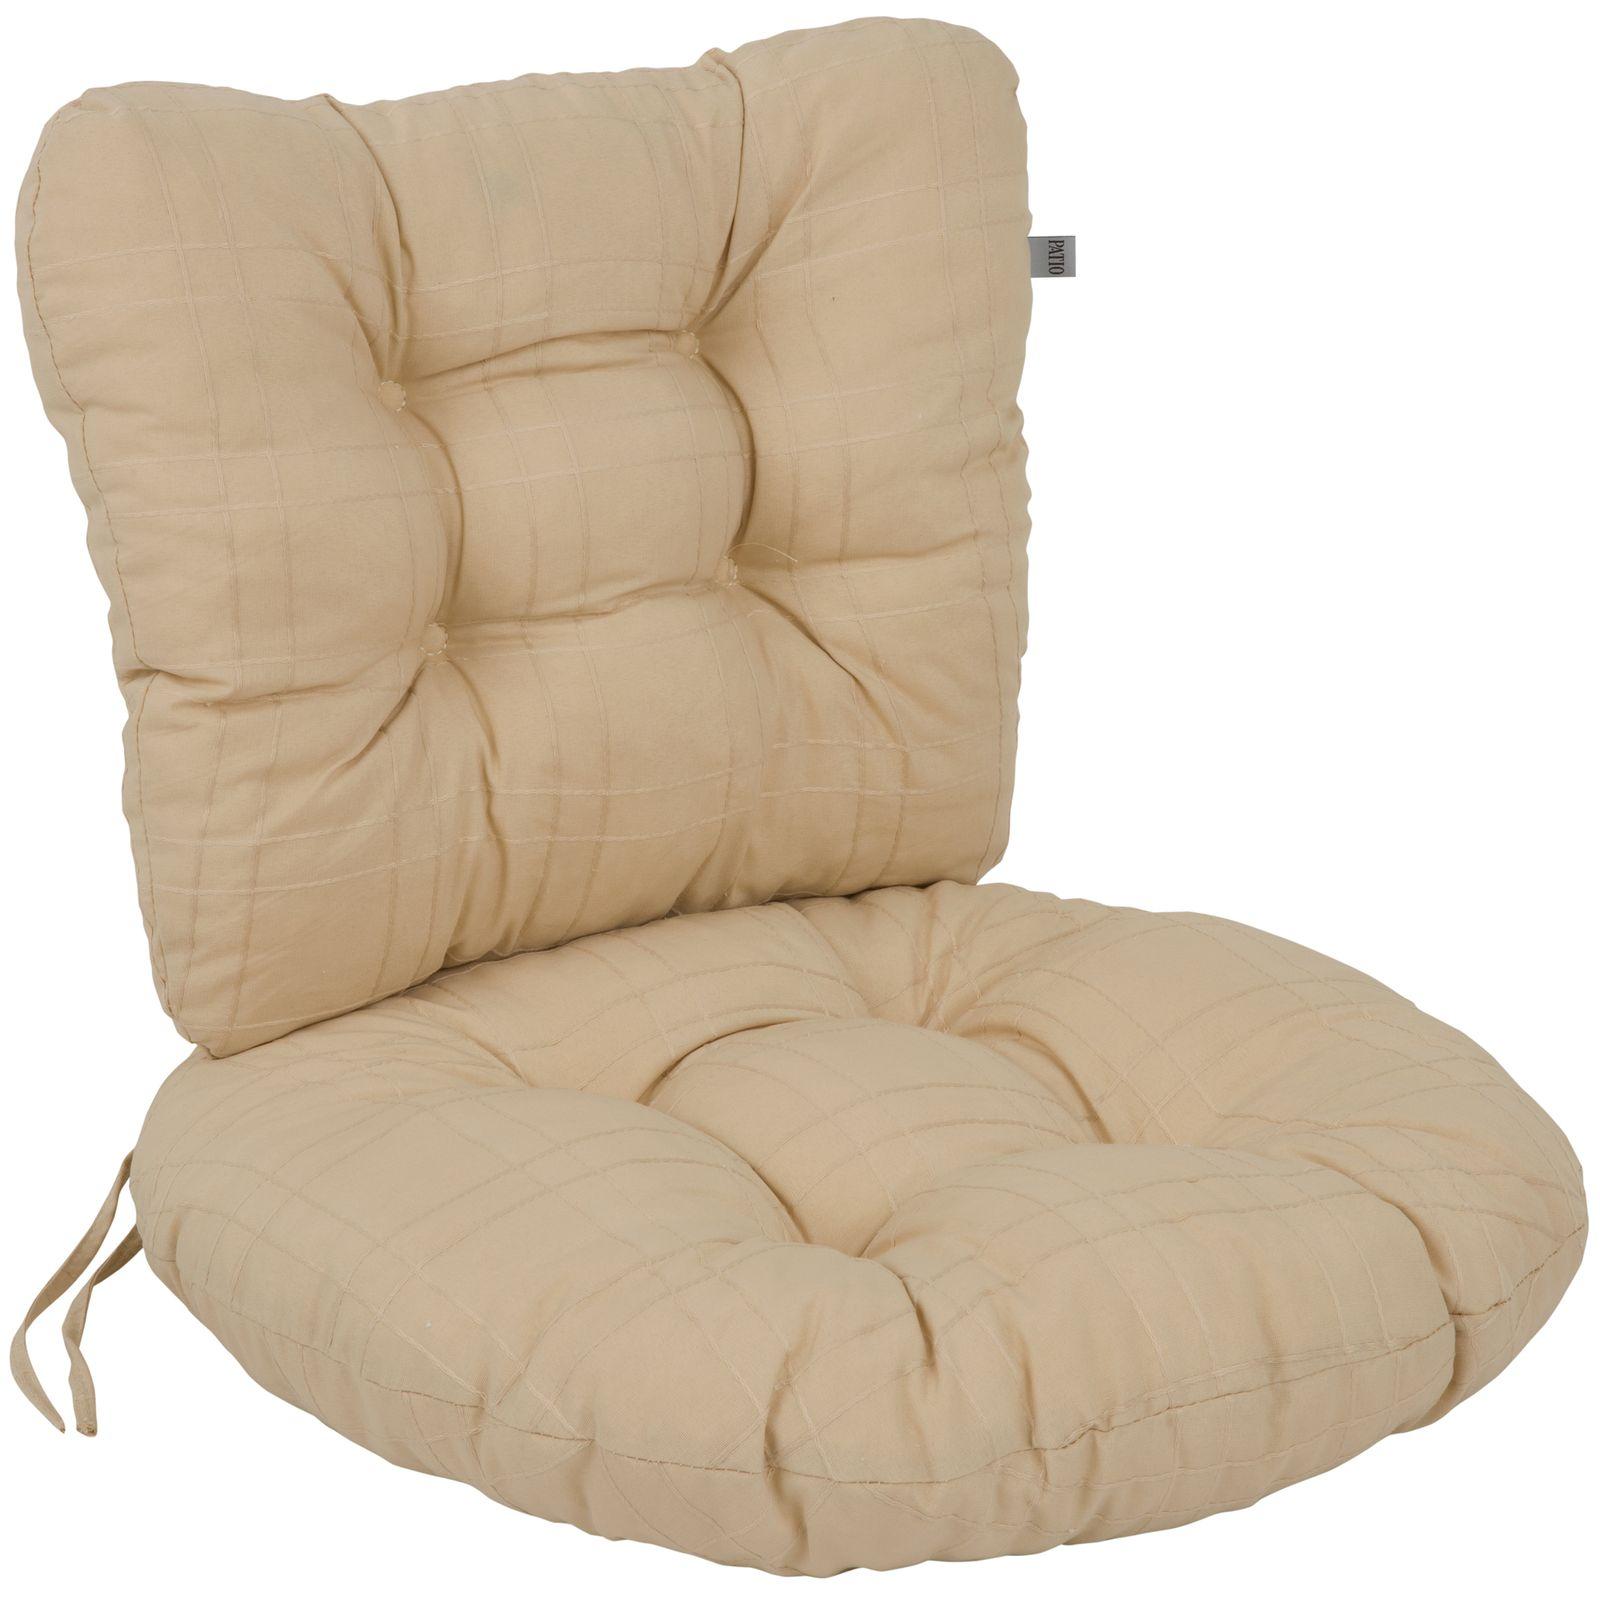 Set de coussins pour fauteuil 55 cm Marocco D016-25LB PATIO